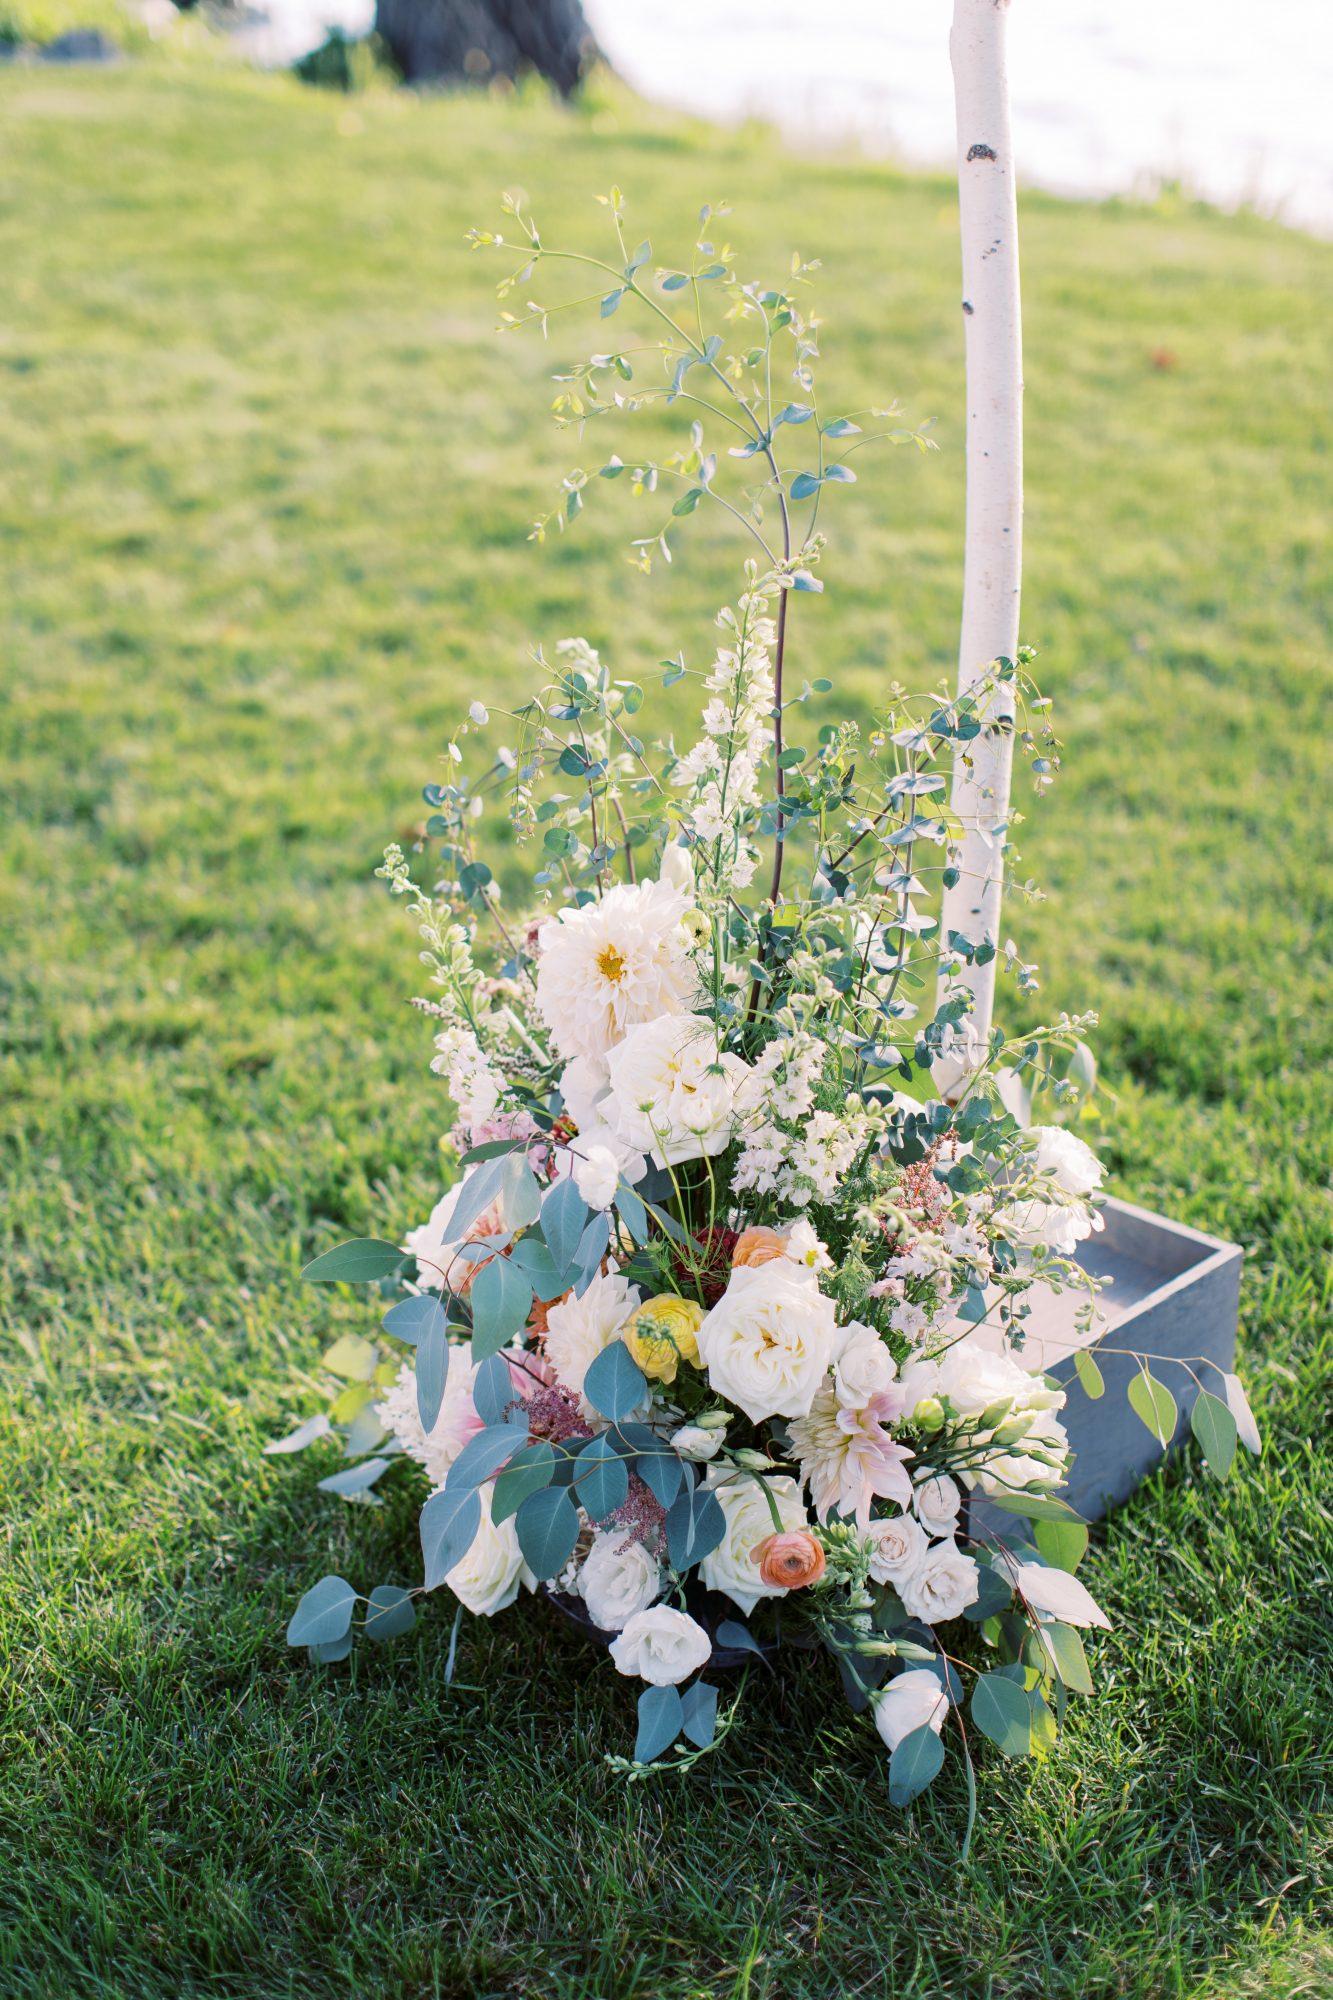 charlene jeremy wedding arch with flowers